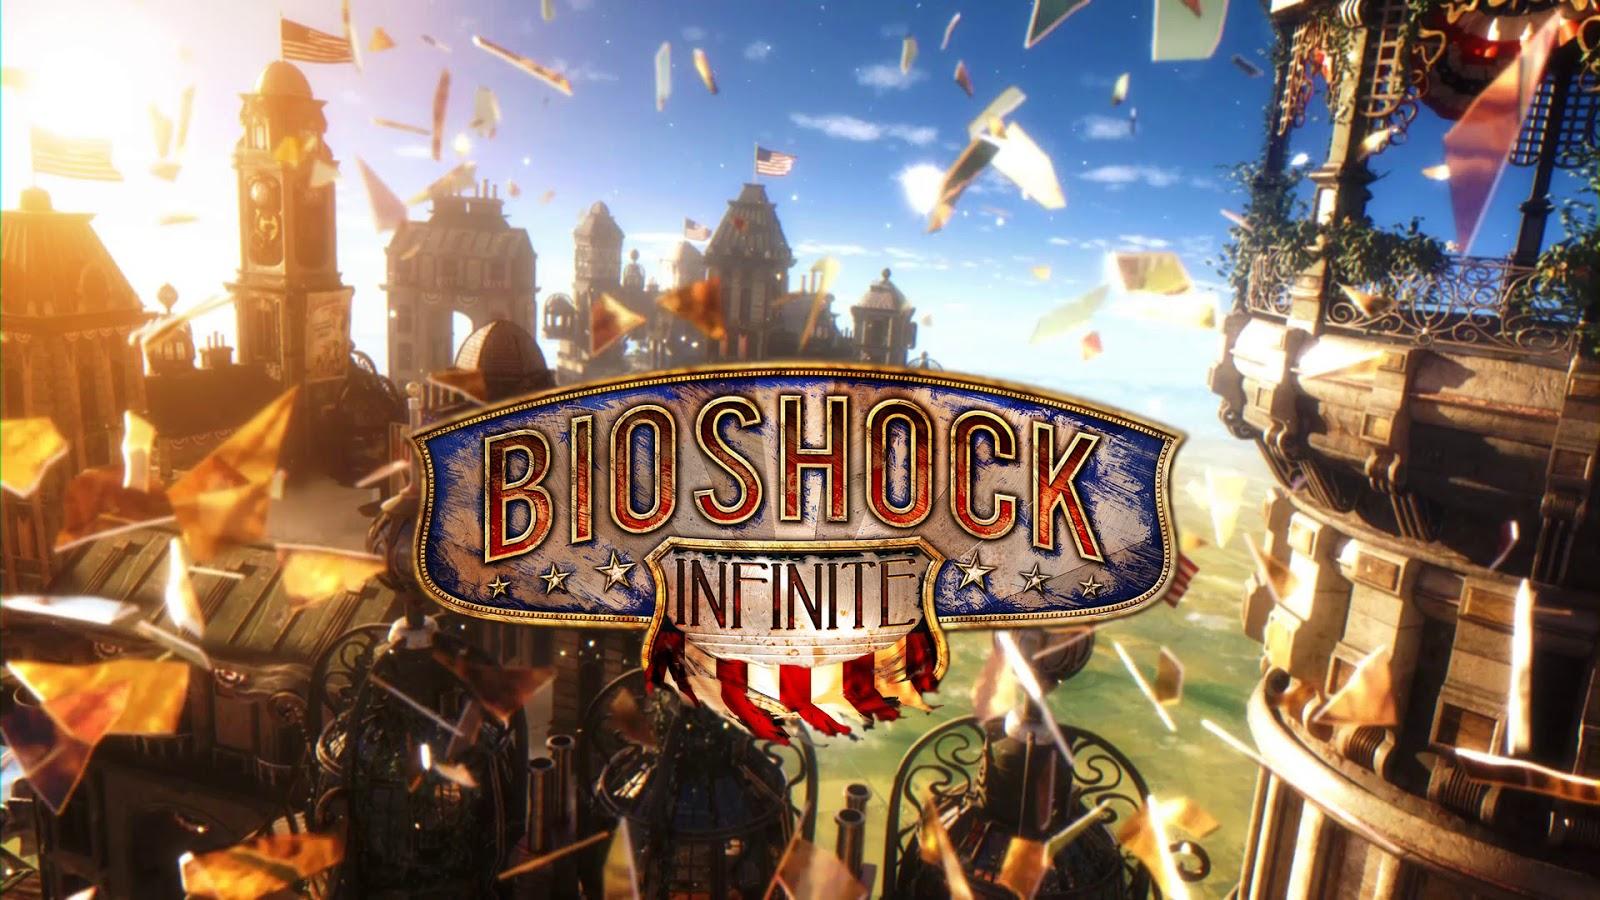 Bioshock Infinite bắt đầu với việc Booker DeWitt, 1 thám tử tư ở New York  bị mắc nợ do cờ bạc đã phải bán con mình, được 2 nhân vật bí ẩn ...